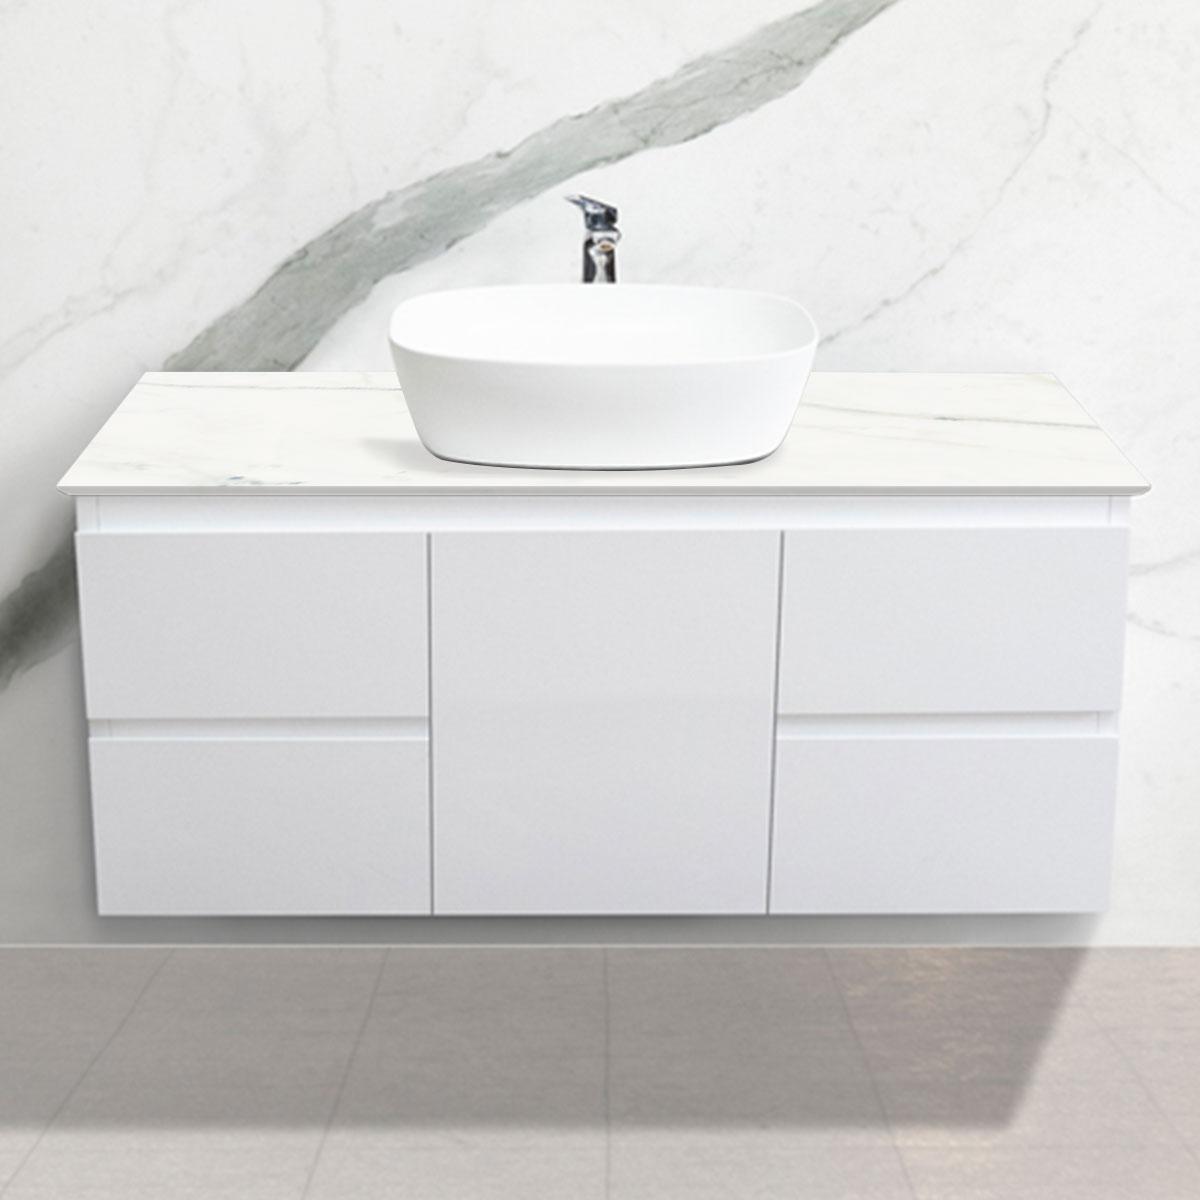 Cabinet - Vanity- 1 Door + 4 Drawers - Calacatta - Stone3 Brisbane